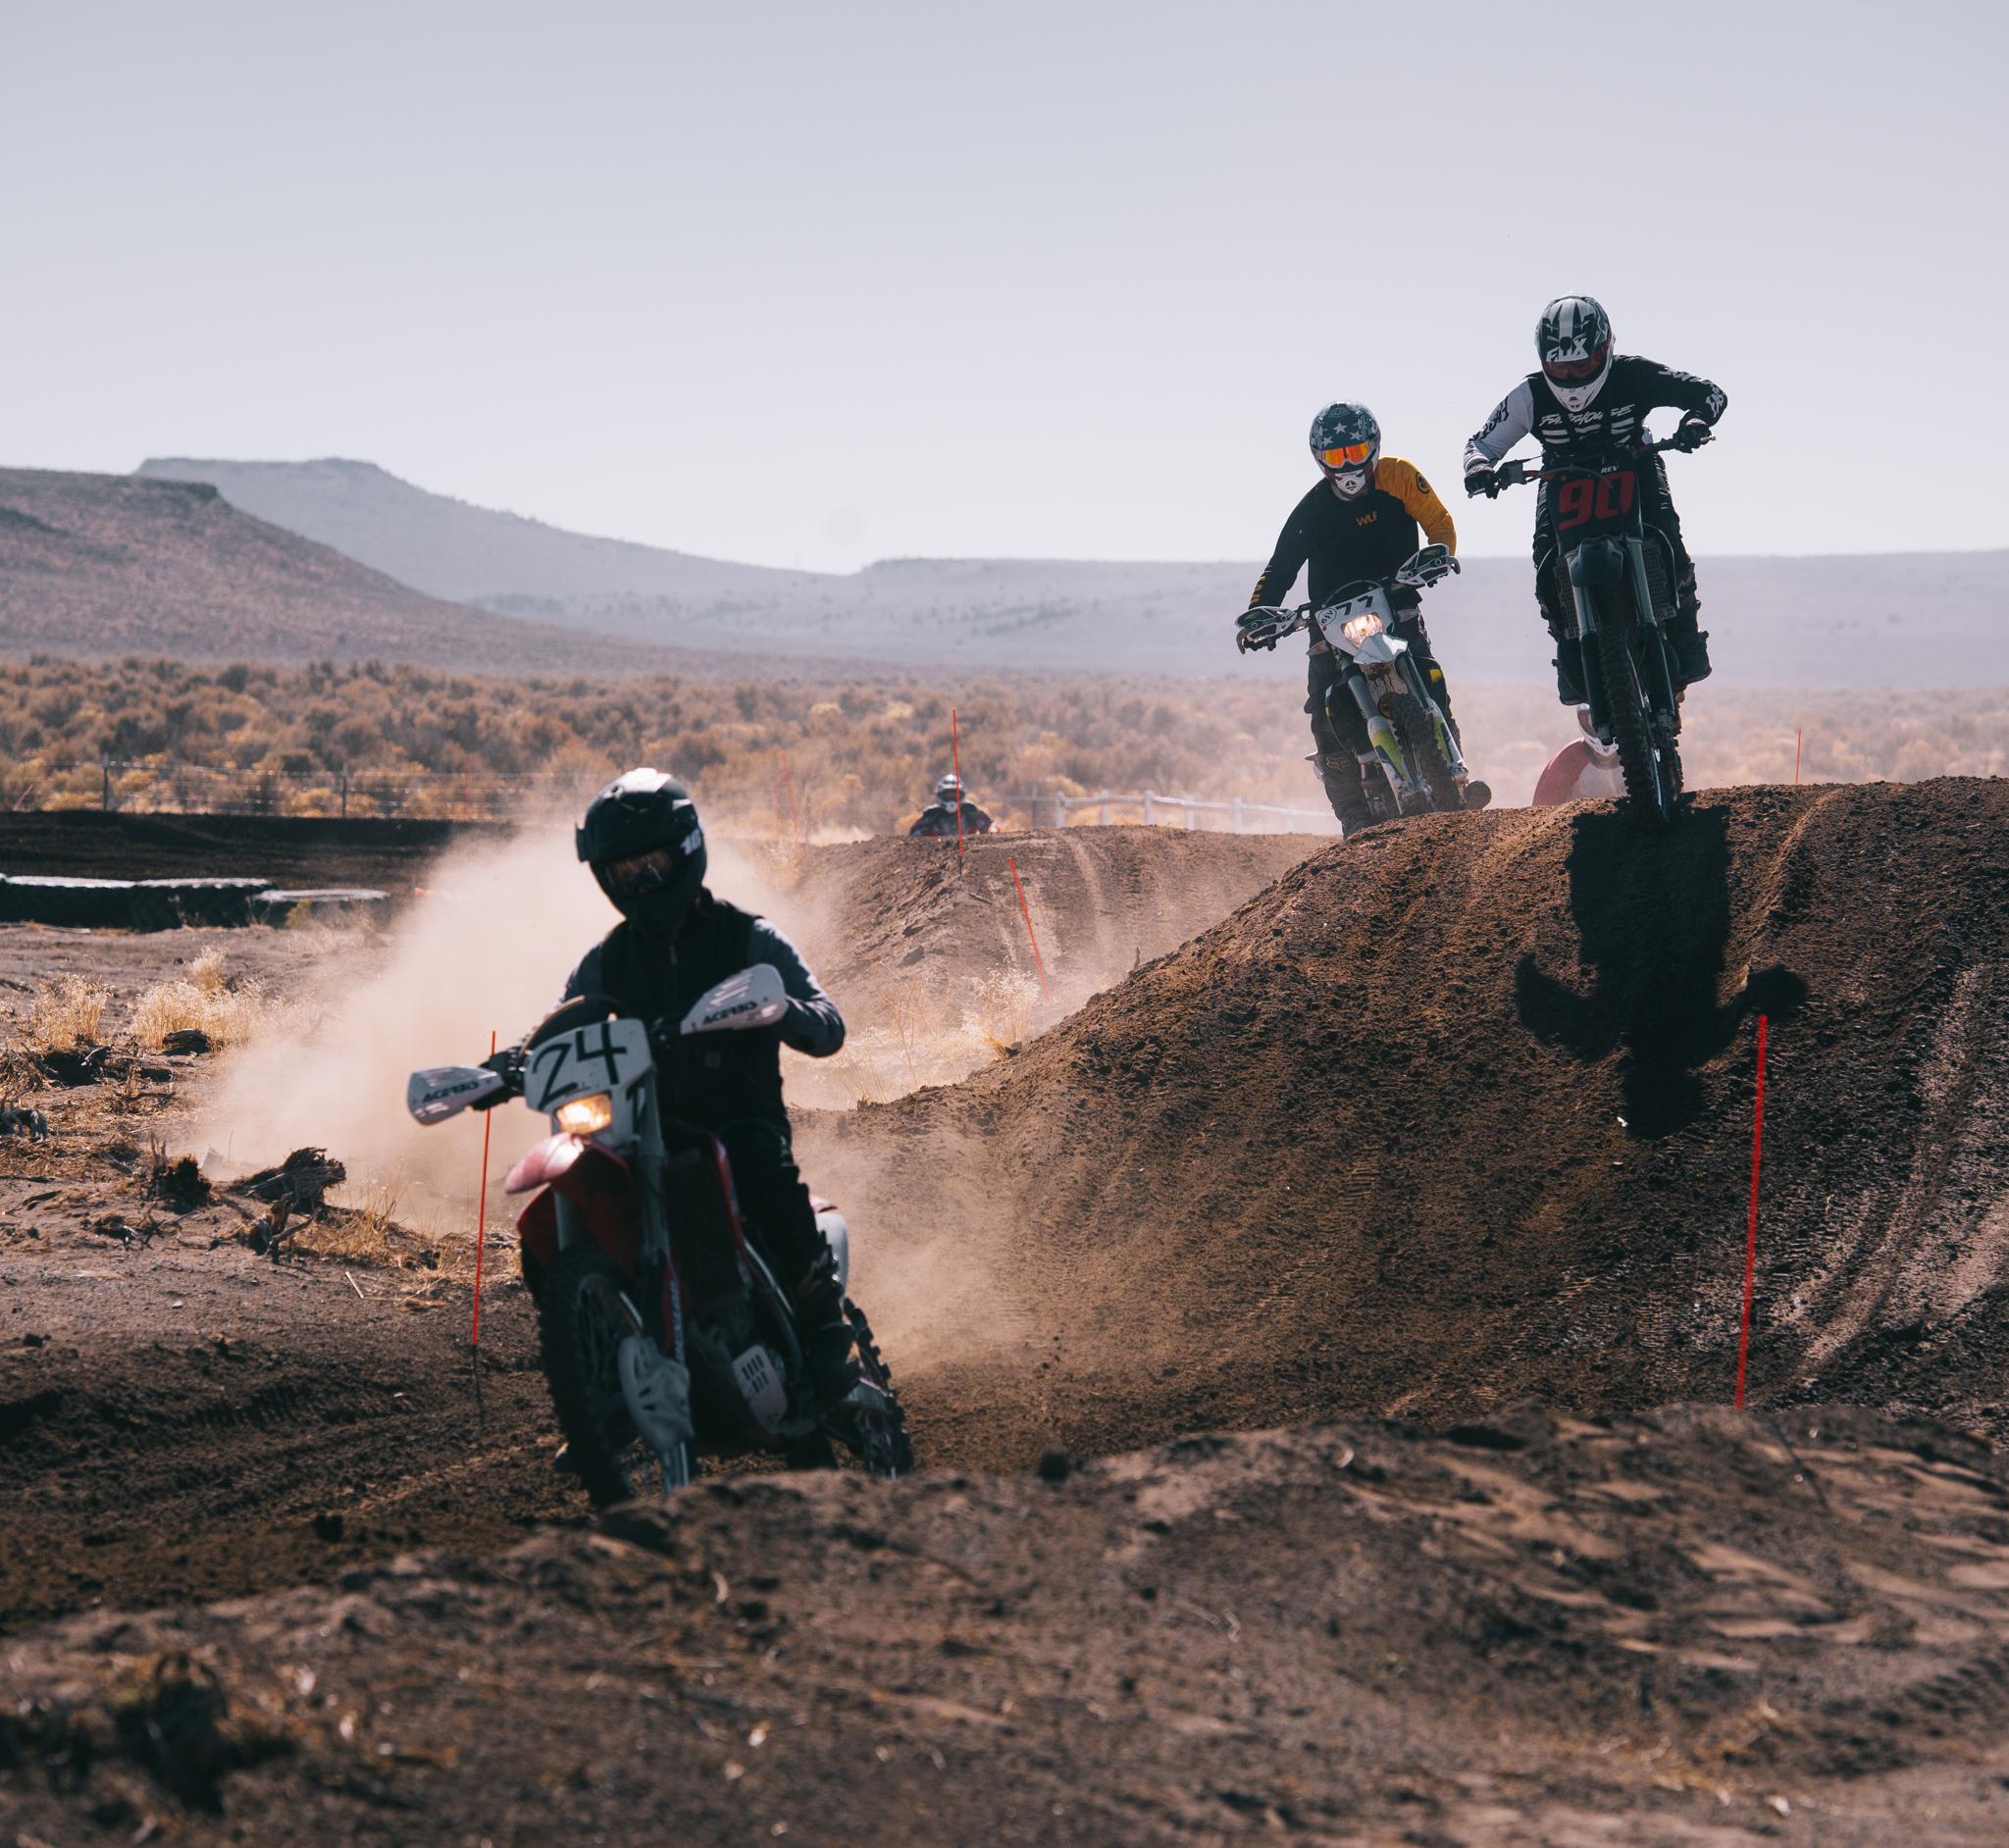 jmtompkins_silodrome_the_desert_race_oregon 28.jpg